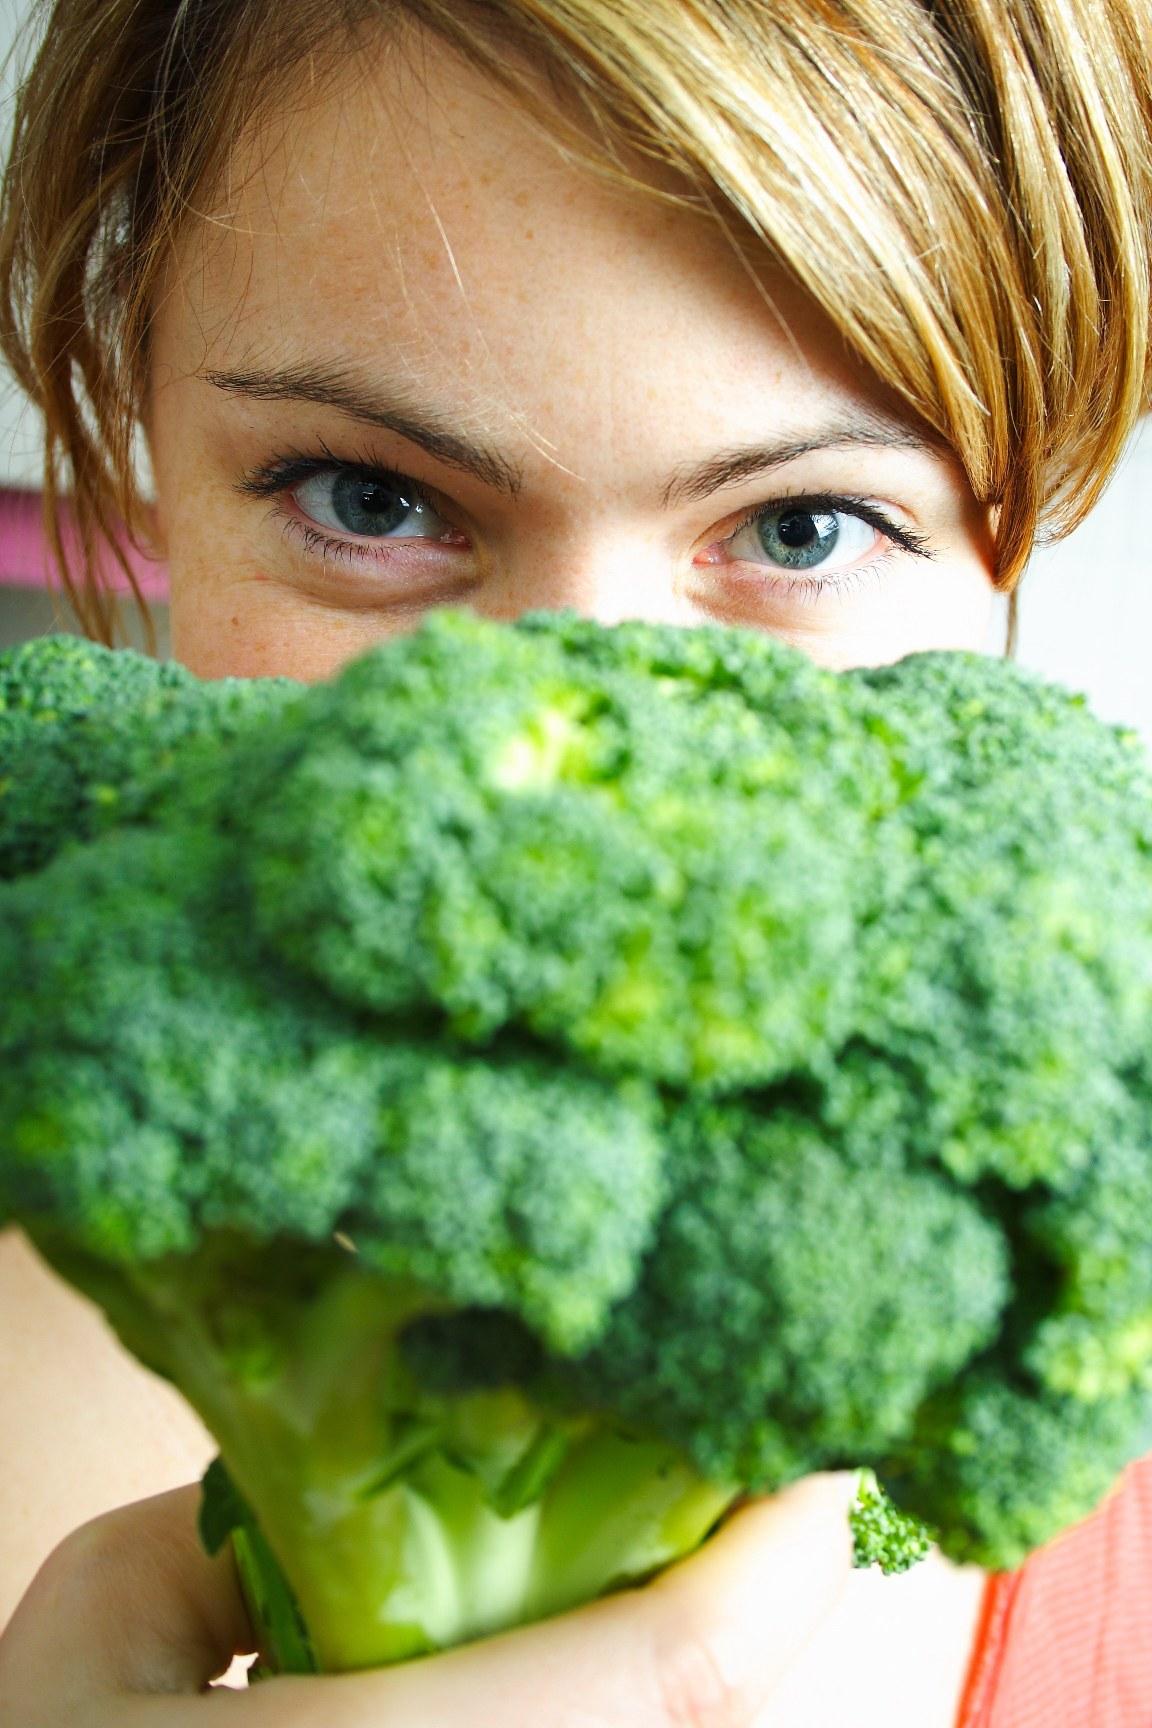 диета на основе брокколи